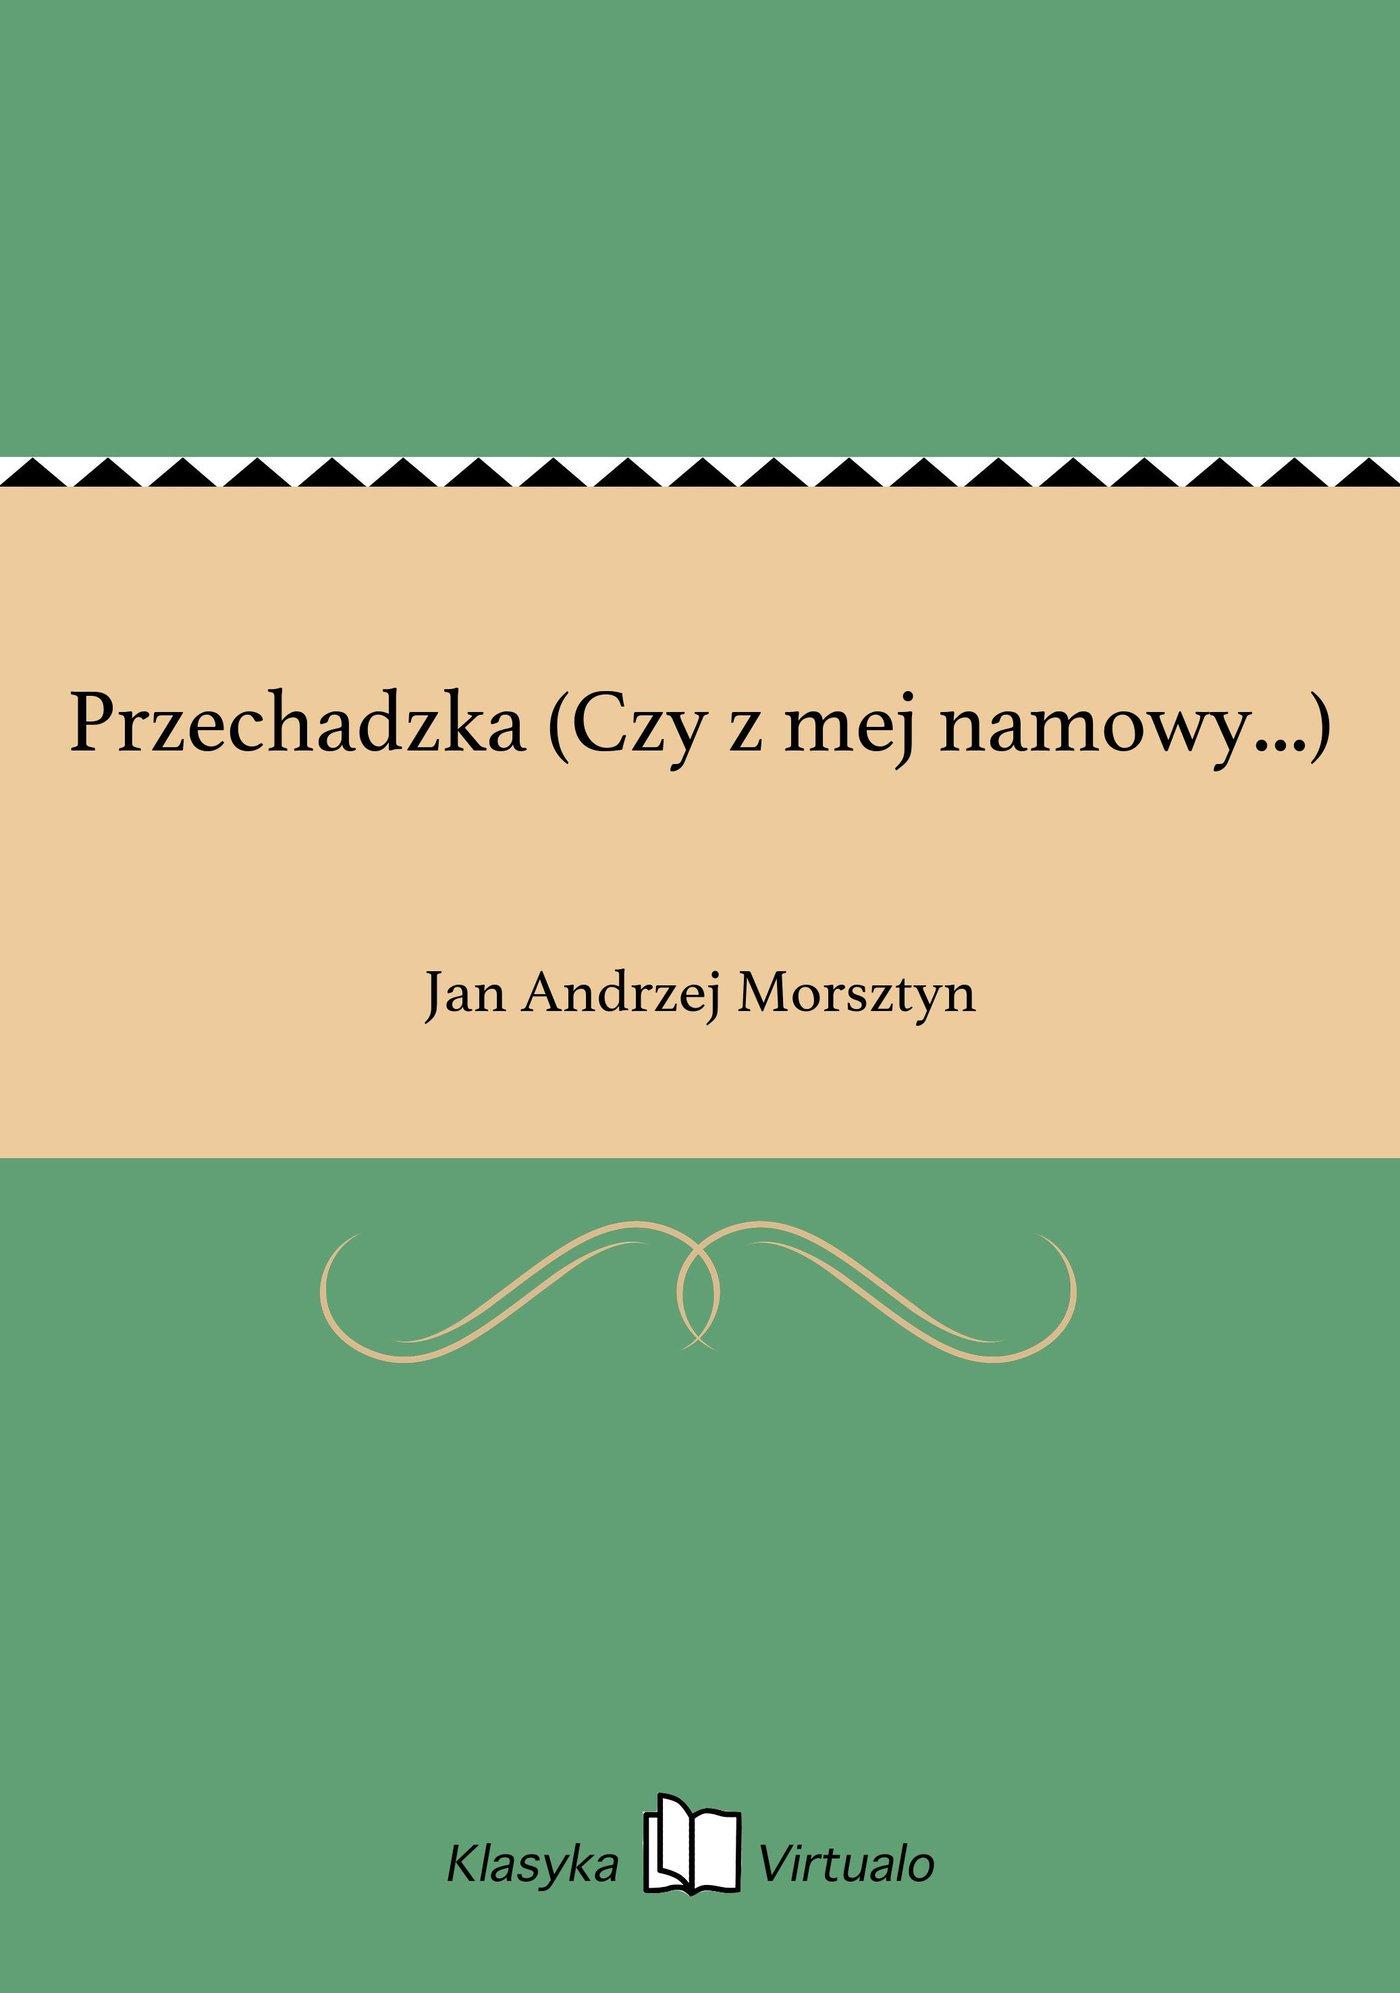 Przechadzka (Czy z mej namowy...) - Ebook (Książka EPUB) do pobrania w formacie EPUB